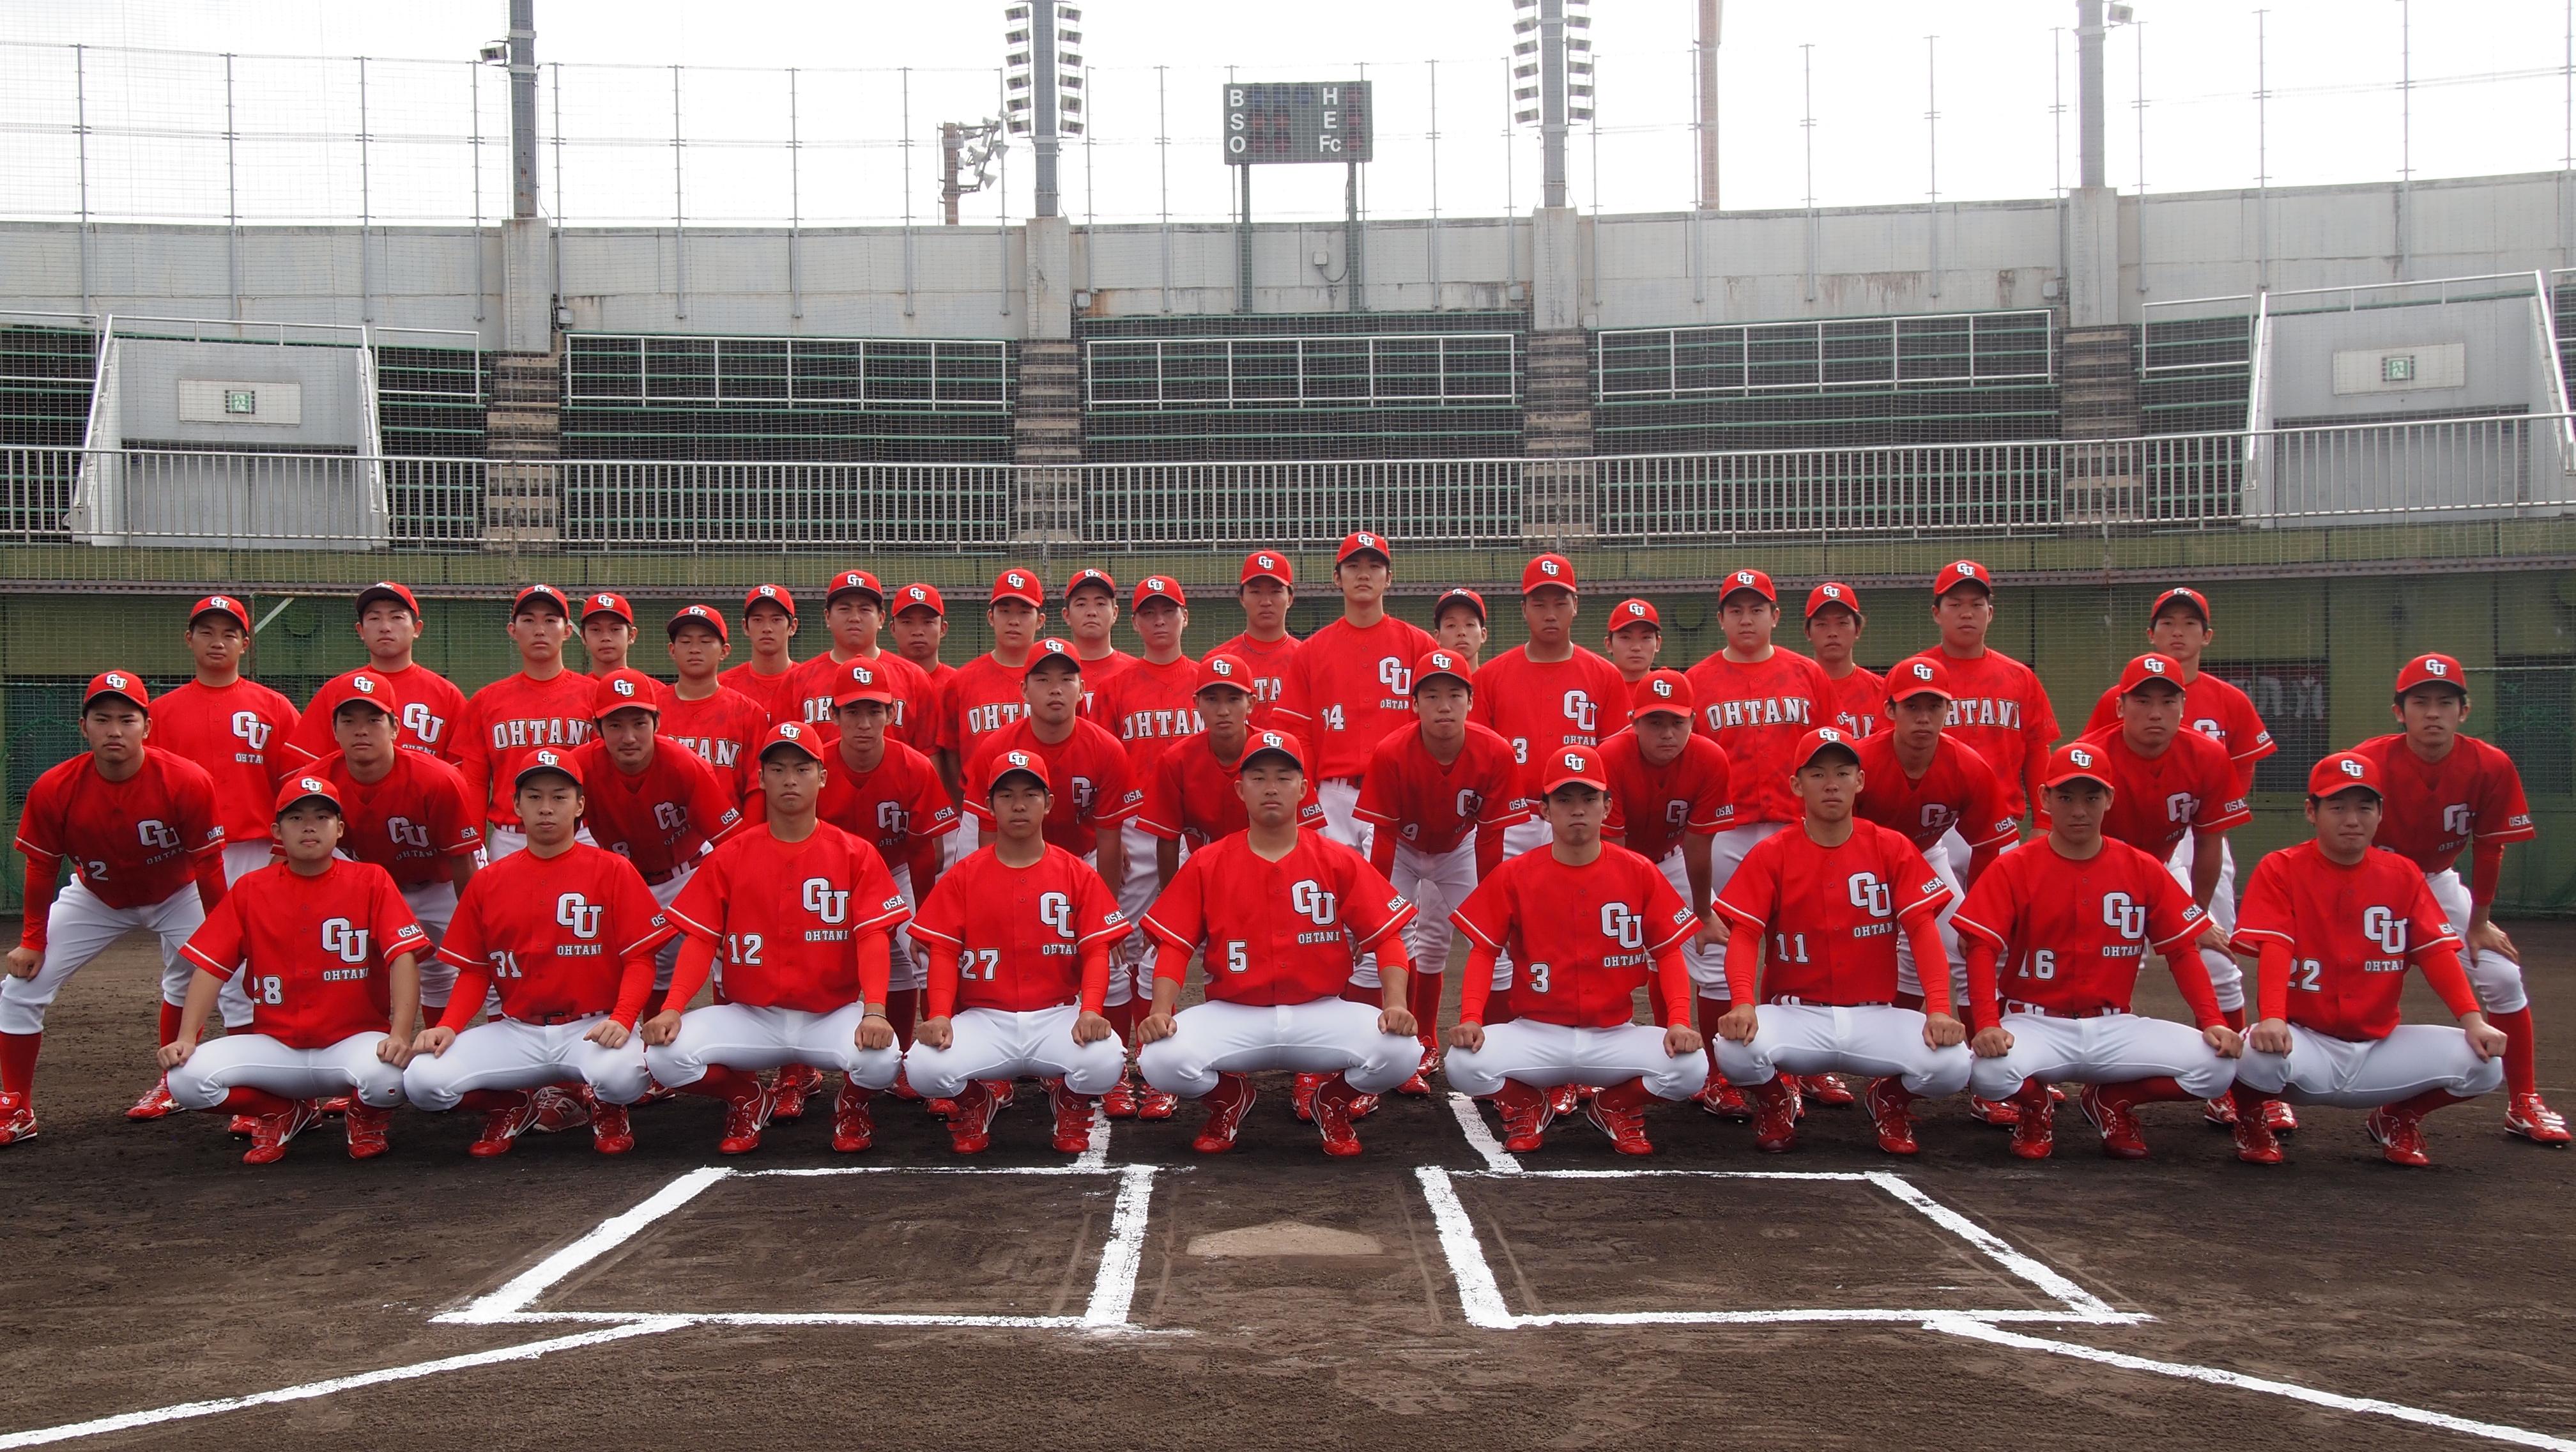 大学 野球 大谷 部 大阪 野球部|クラブ活動|学生生活|大阪物療大学